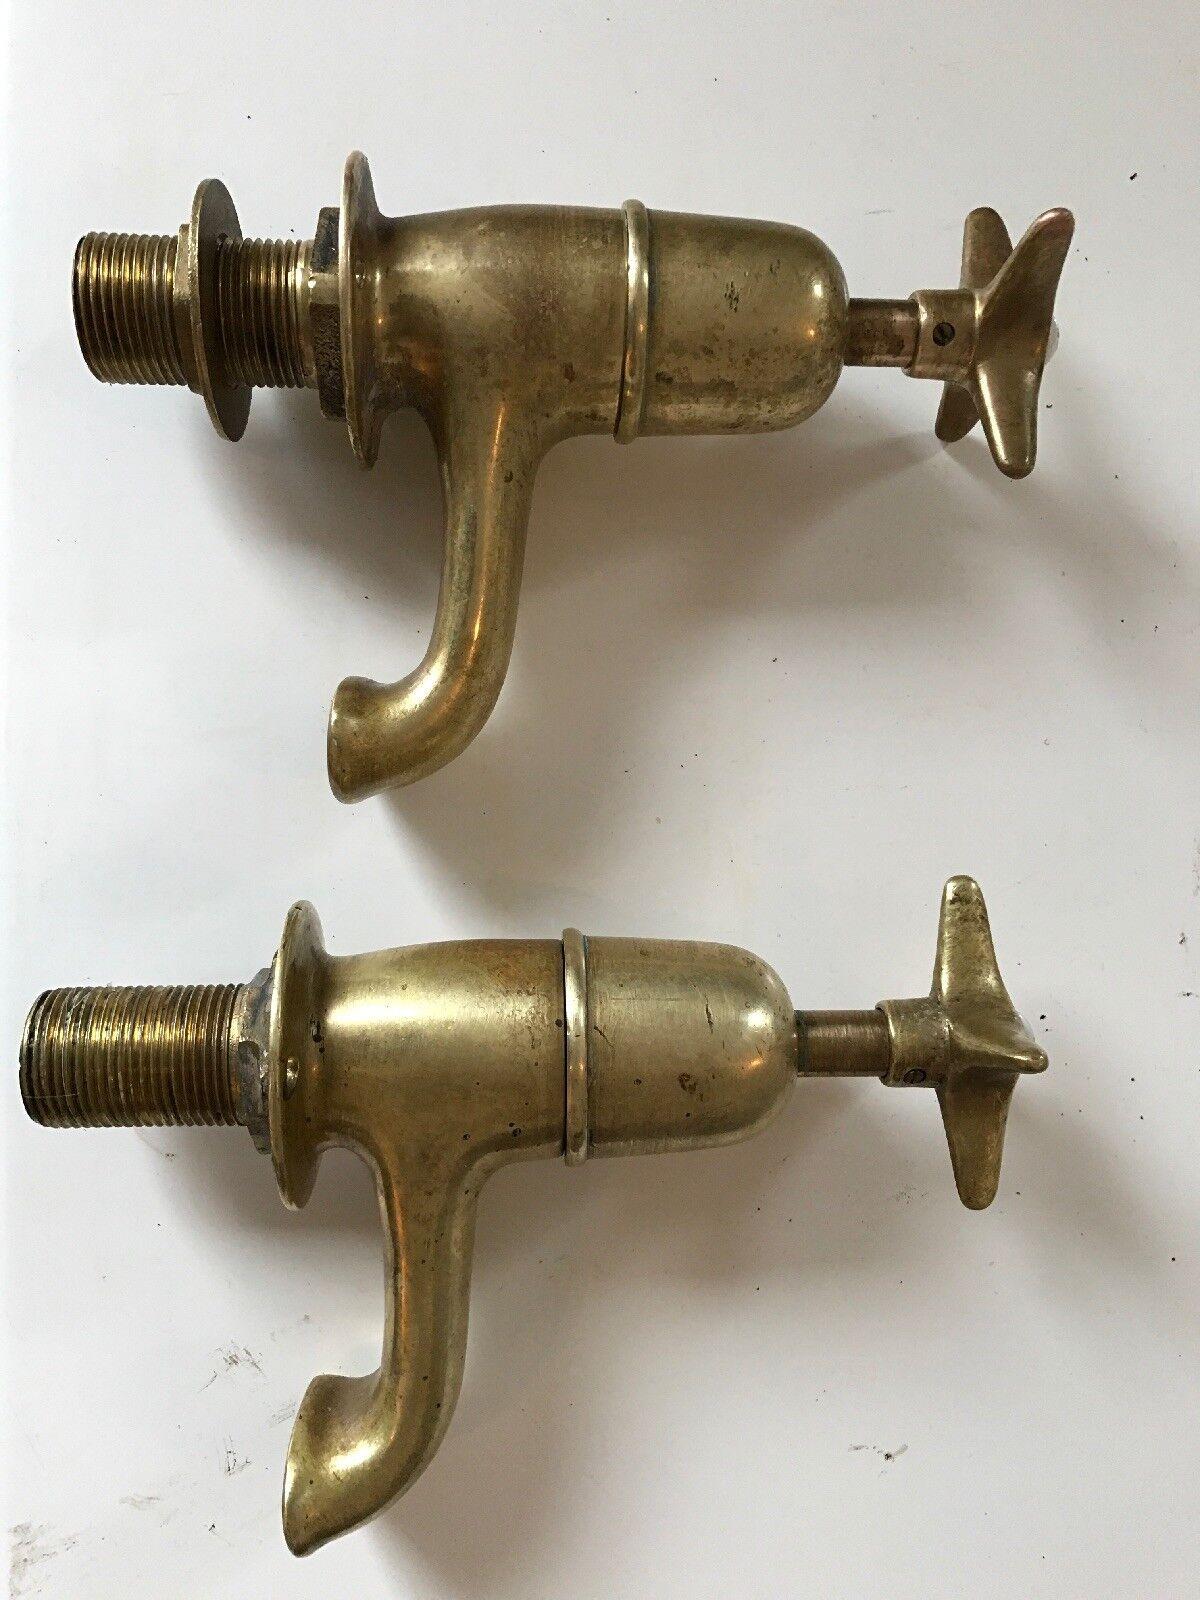 Vintage Laiton bain Robinets, énorme 1 in (environ 2.54 cm) robinets, en très bon état